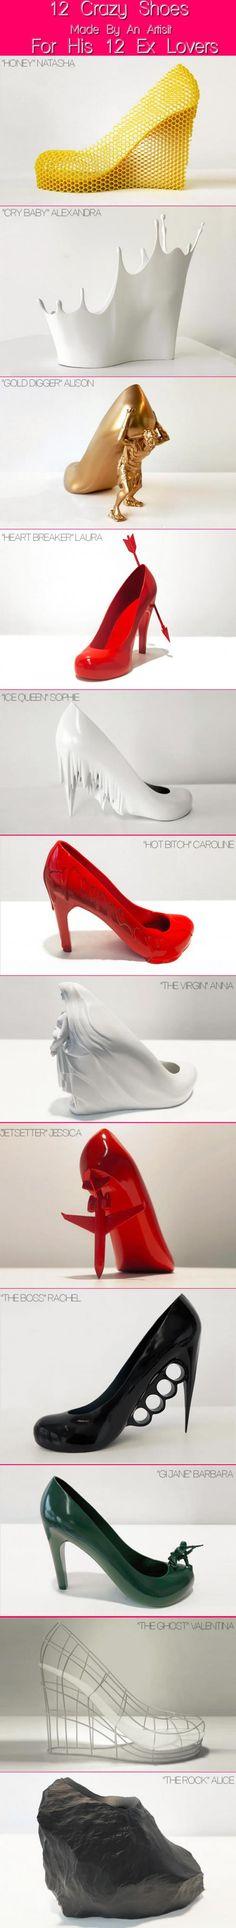 Chaussures design les plus originales. Des chaussures expérimentales.